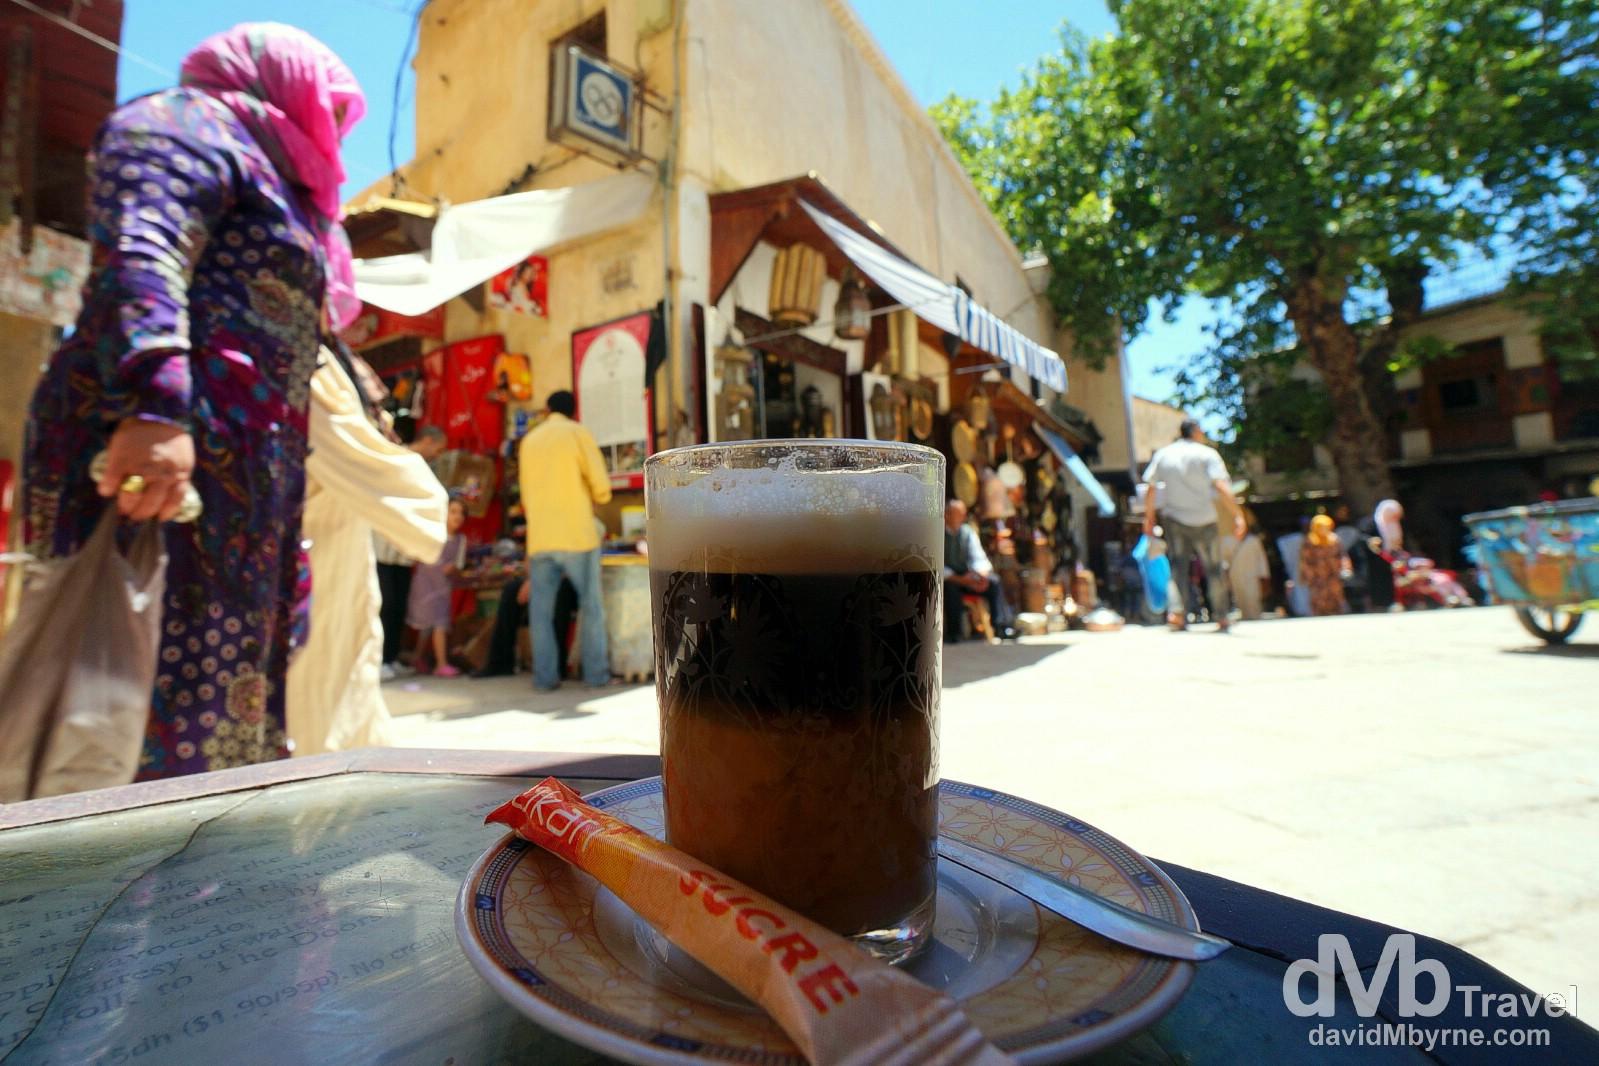 Cafe au lait in Cremerie la Place, Place Saffarine, Fes el Bali, Fes, Morocco. May 29th, 2014.